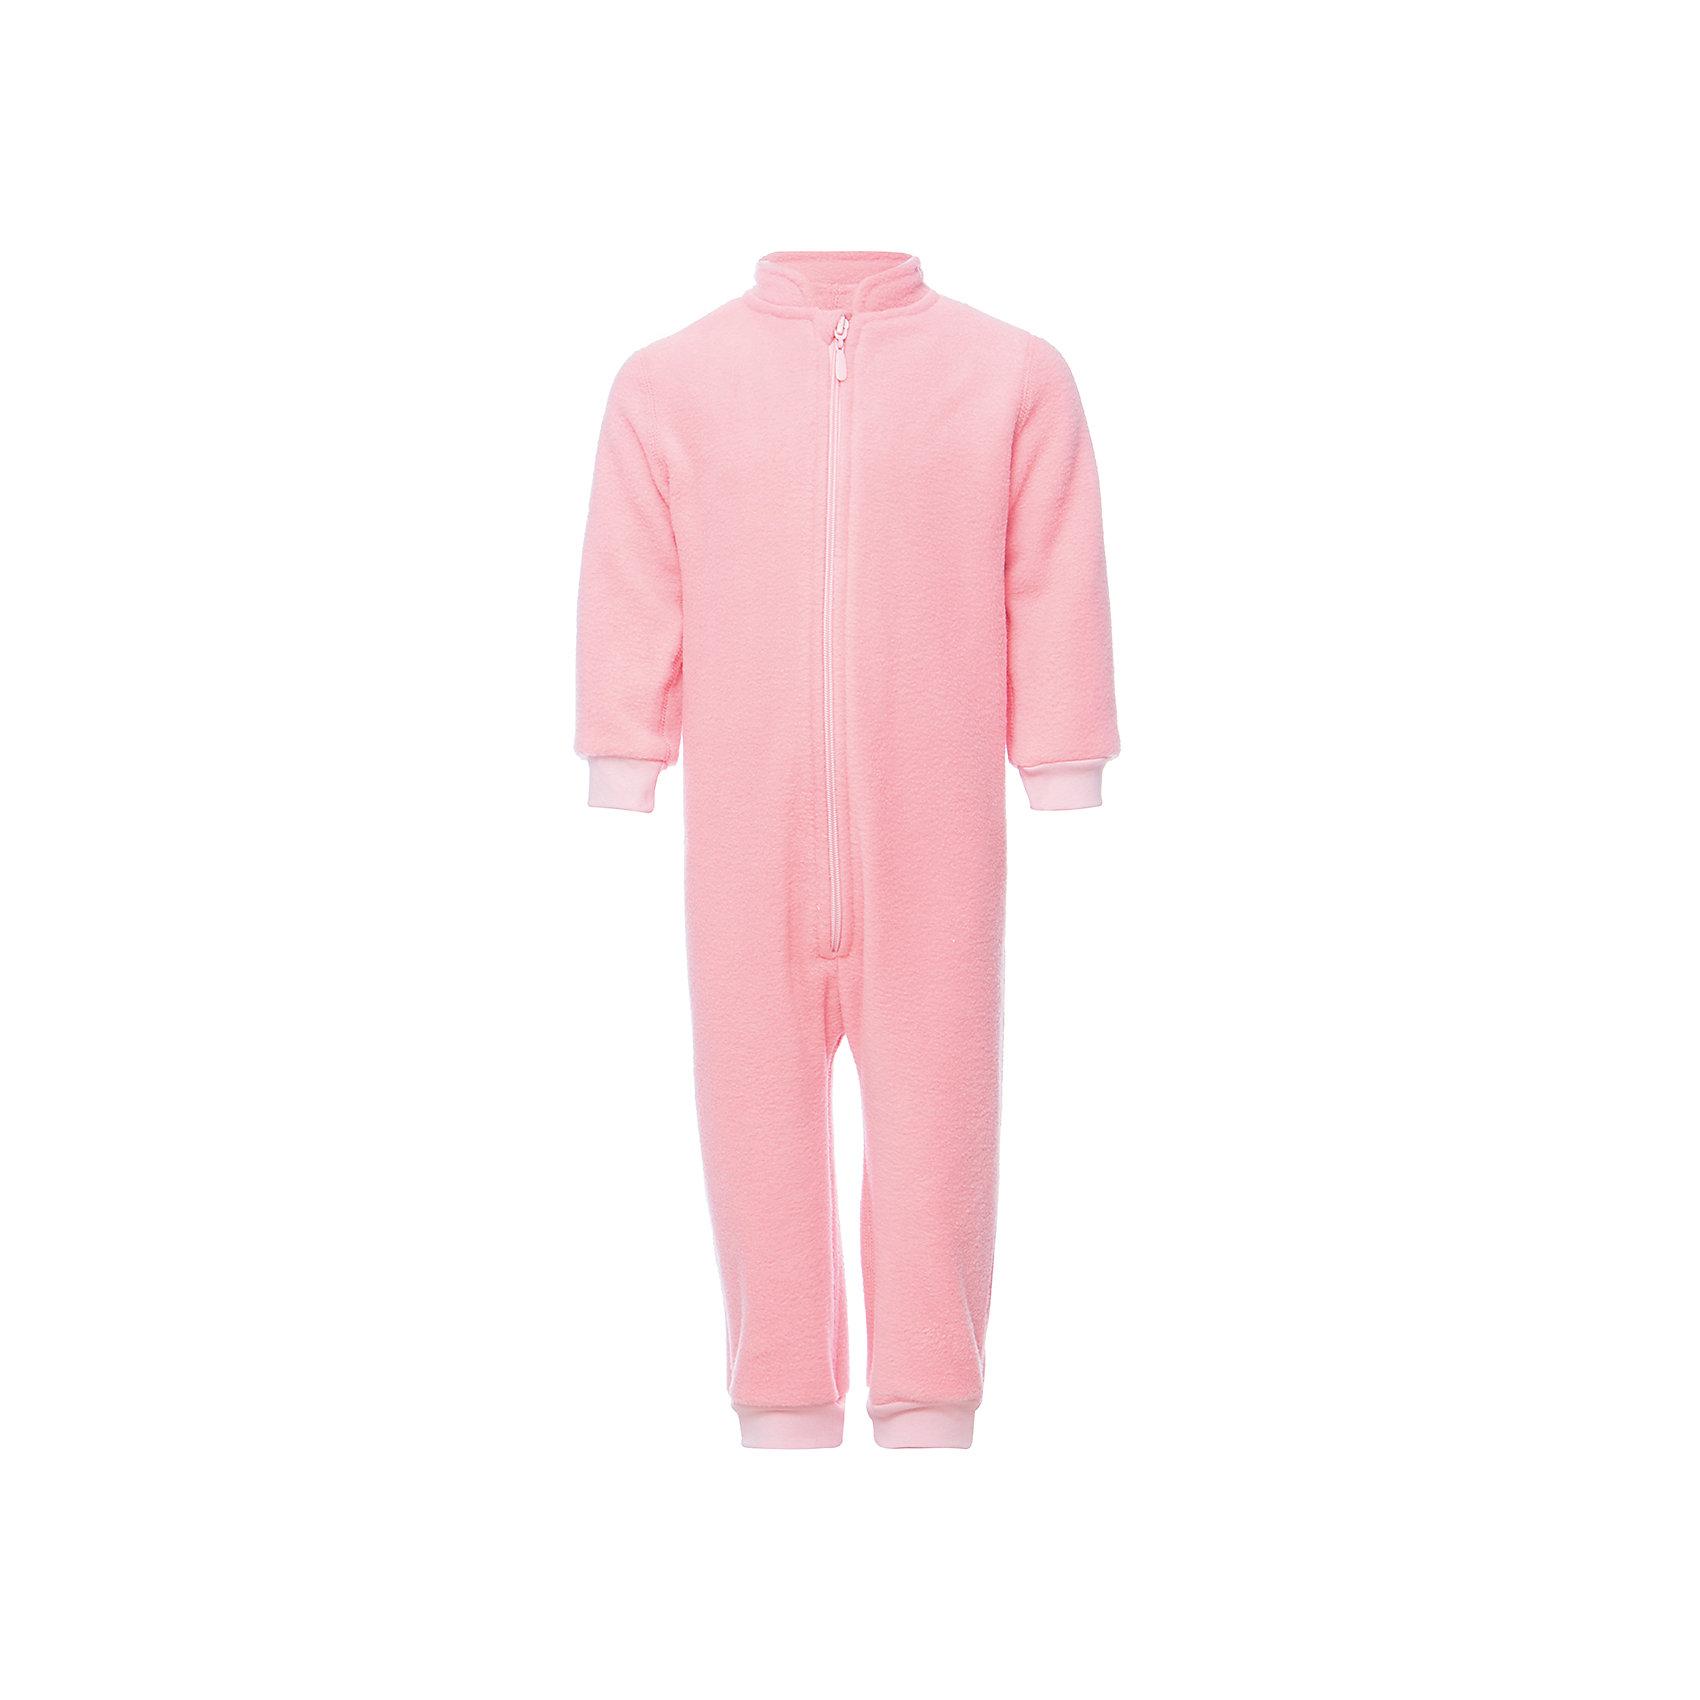 Комбинезон LynxyФлис и термобелье<br>Характеристики товара:<br><br>• цвет: розовый<br>• состав ткани: 95% полиэстер, 5% вискоза <br>• подкладка: нет<br>• сезон: зима<br>• температурный режим: от -15 до +15<br>• застежка: молния<br>• длинные рукава<br>• штрипки<br>• страна бренда: Россия<br>• страна изготовитель: Россия<br><br>Такой детский комбинезон выполнен в универсальном практичном цвете. Такое термобелье можно надевать как нижний слой в морозы. Материал комбинезона для детей - мягкий, теплый и легкий. Однотонный детский комбинезон дополнен удобной длинной молнией, манжетами и штрипками. <br><br>Комбинезон Lynxy (Линкси) можно купить в нашем интернет-магазине.<br><br>Ширина мм: 219<br>Глубина мм: 11<br>Высота мм: 262<br>Вес г: 314<br>Цвет: розовый<br>Возраст от месяцев: 6<br>Возраст до месяцев: 9<br>Пол: Унисекс<br>Возраст: Детский<br>Размер: 74,98,92,86,80<br>SKU: 7079891